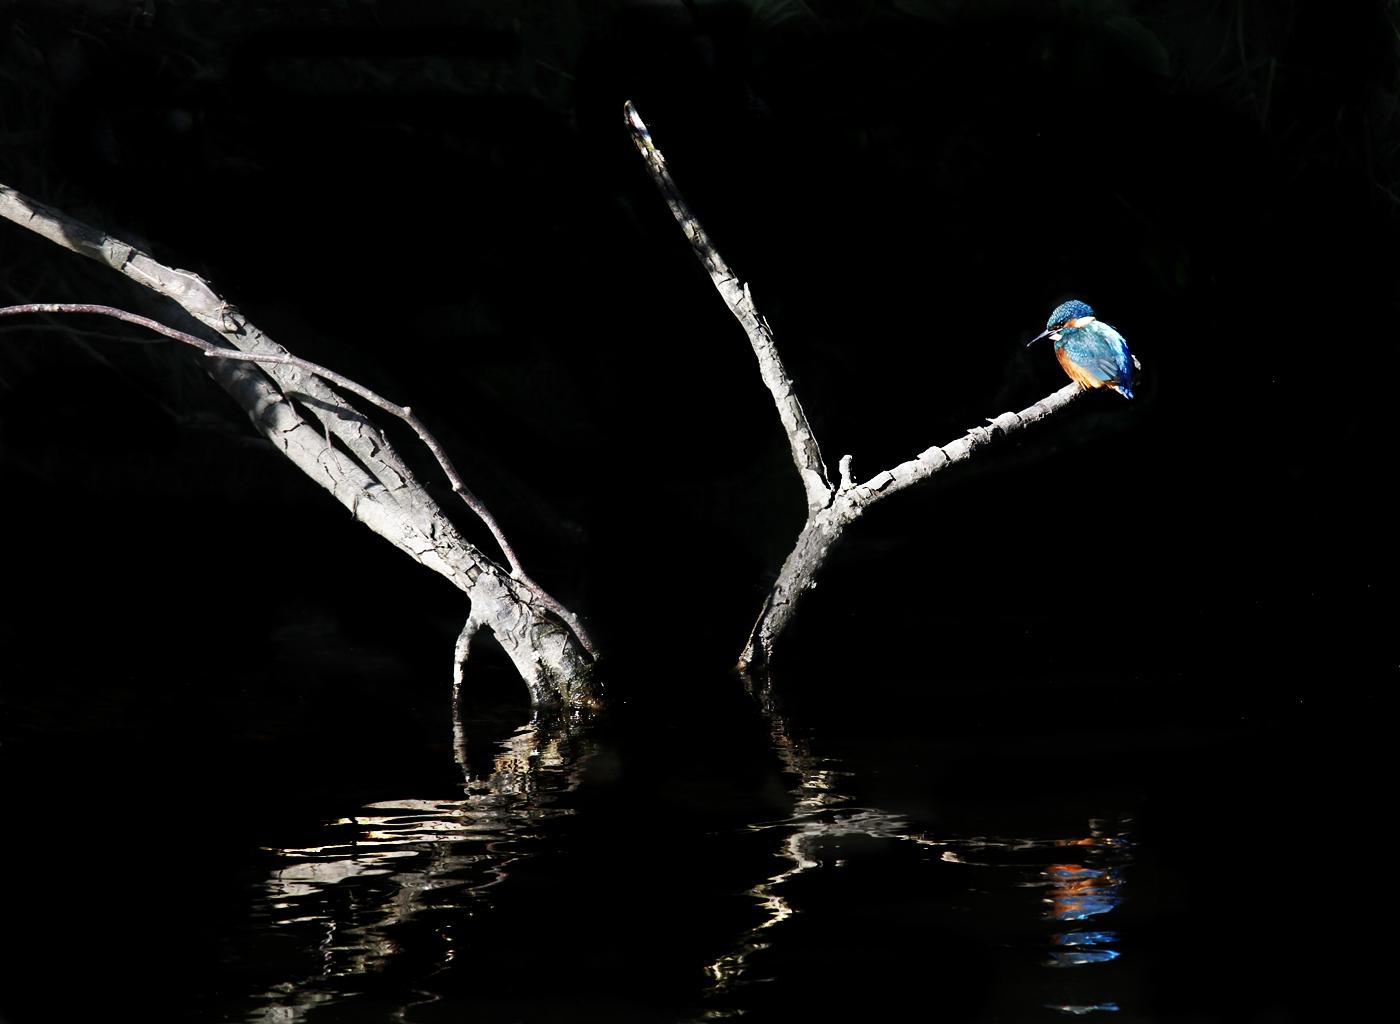 Lagan Kingfisher